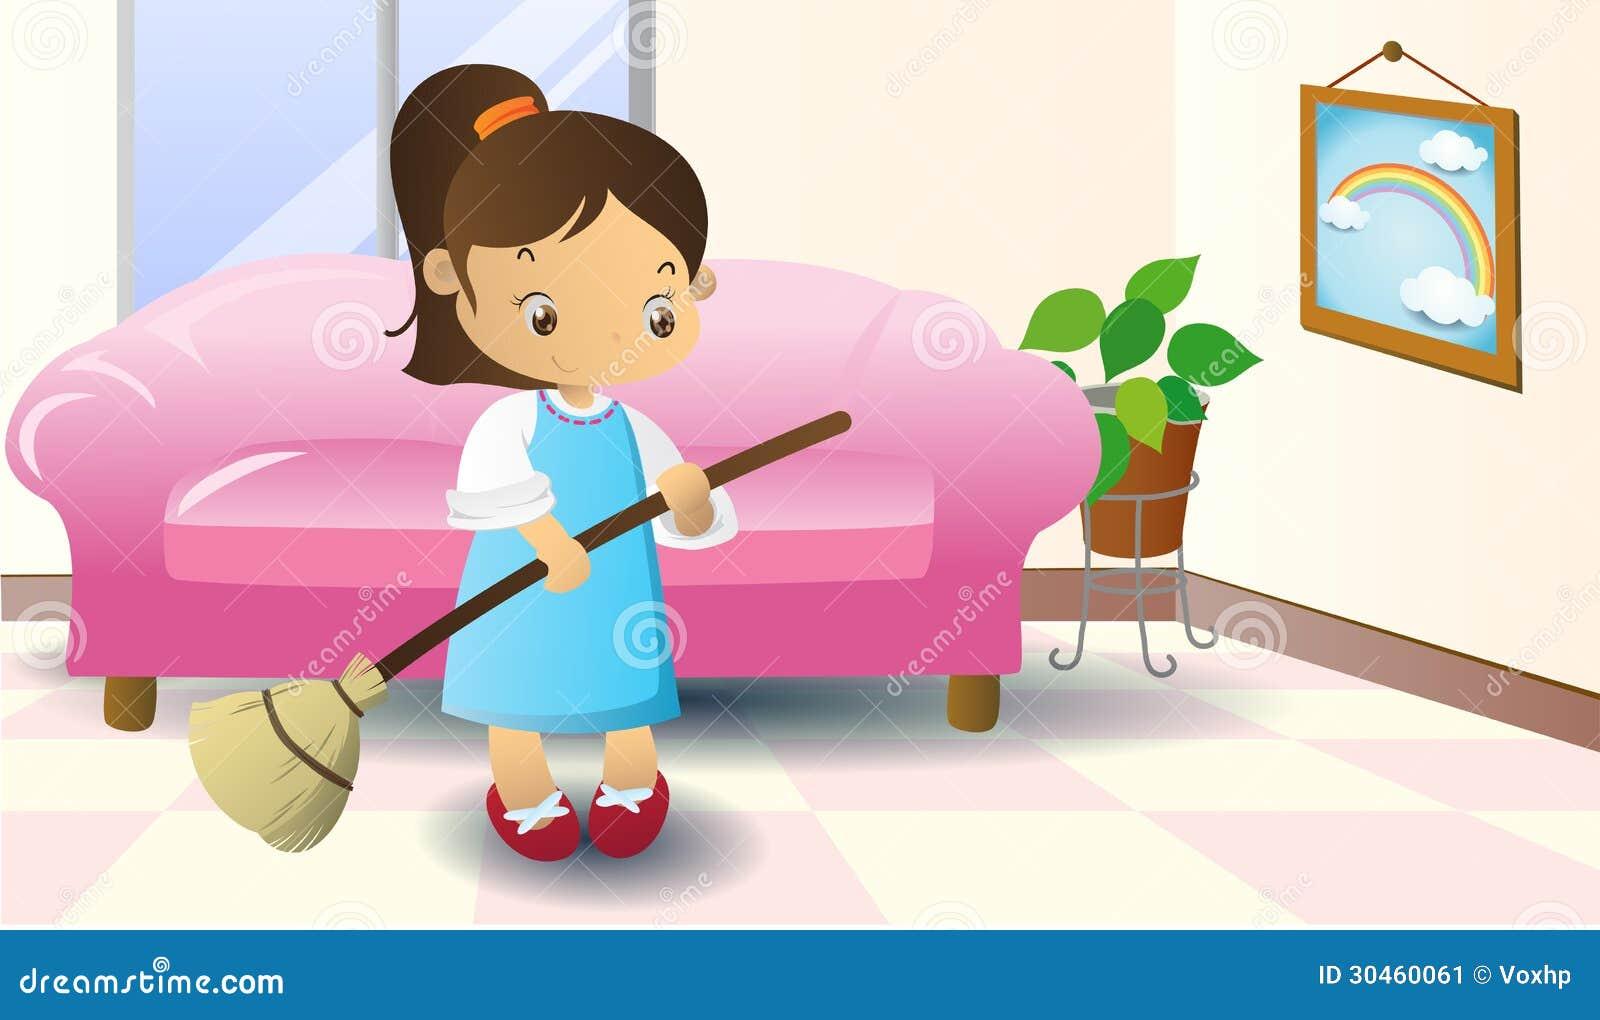 Barrer el piso imagen de archivo imagen 30460061 - Robot que limpia el piso ...